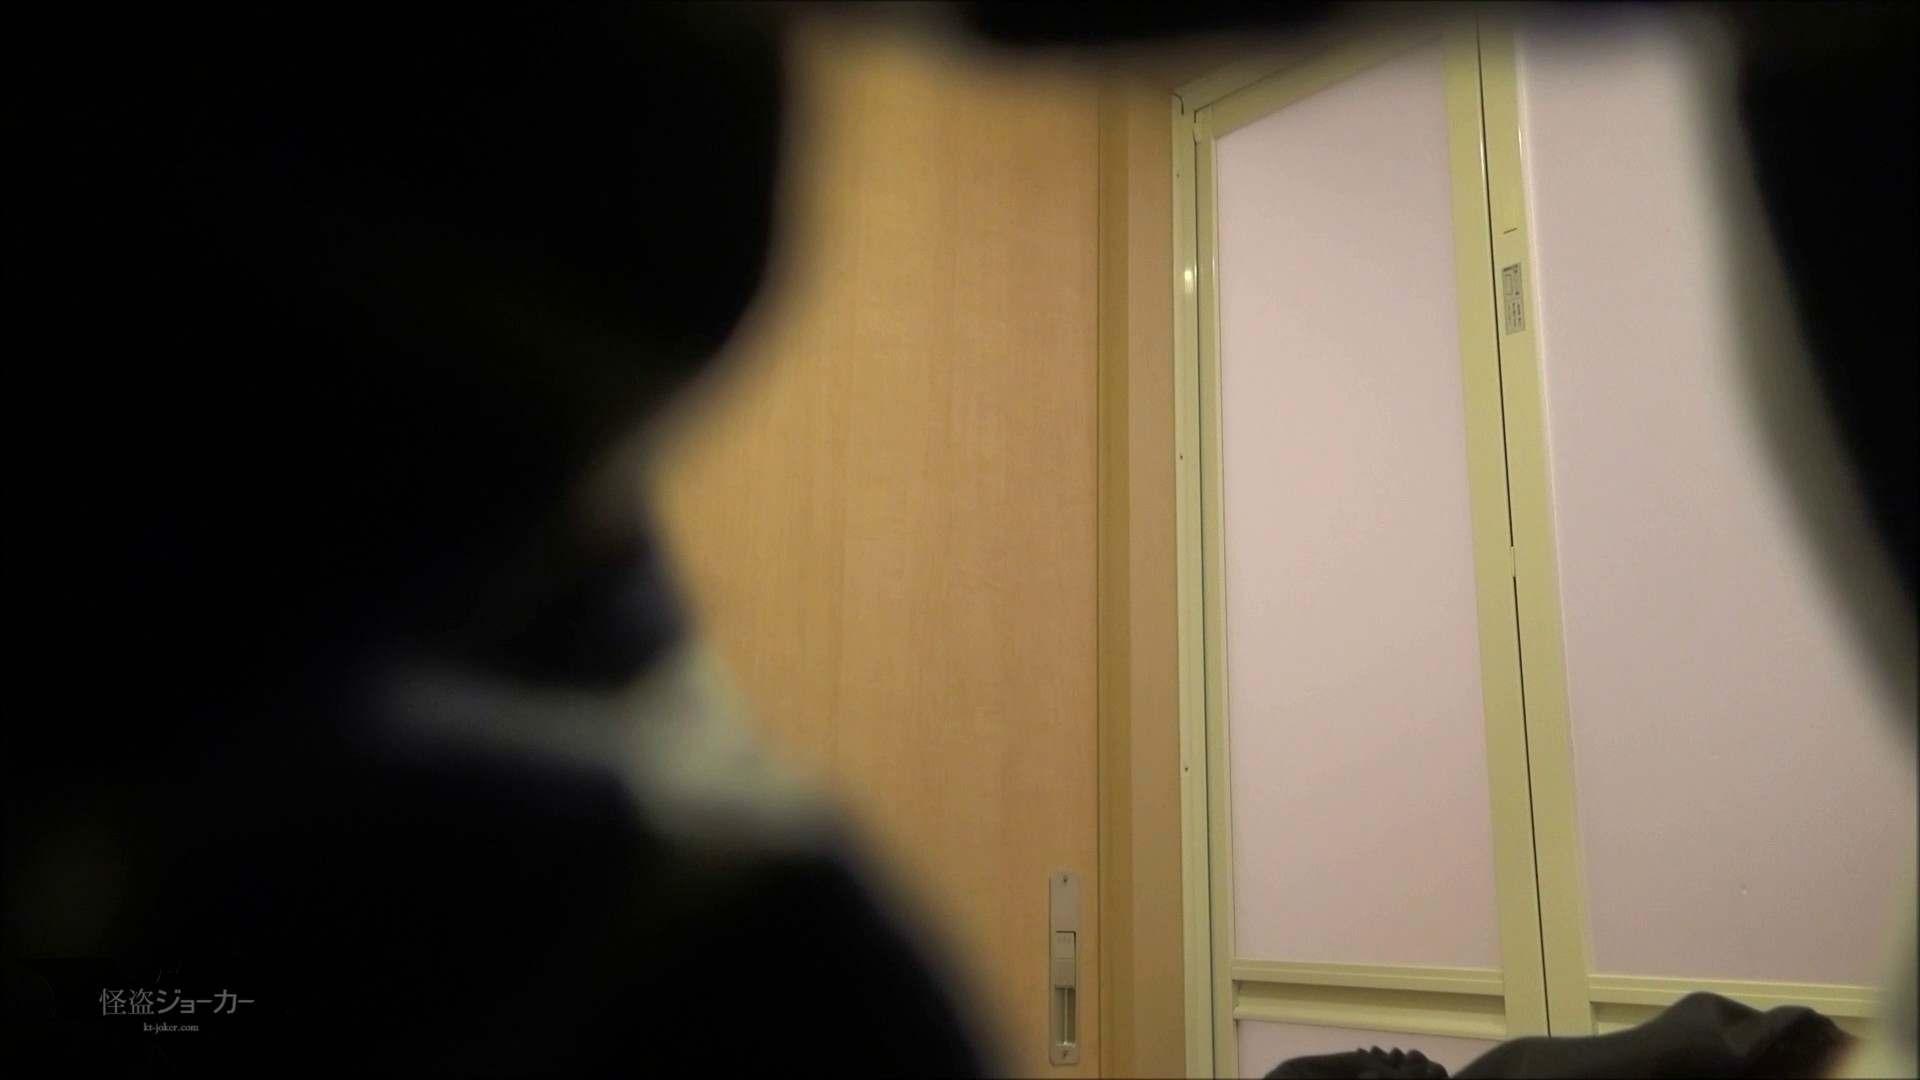 【未公開】vol.105 {爆乳女子と貧乳女子}カナミ&マリ【前編】 チラ 戯れ無修正画像 49画像 44